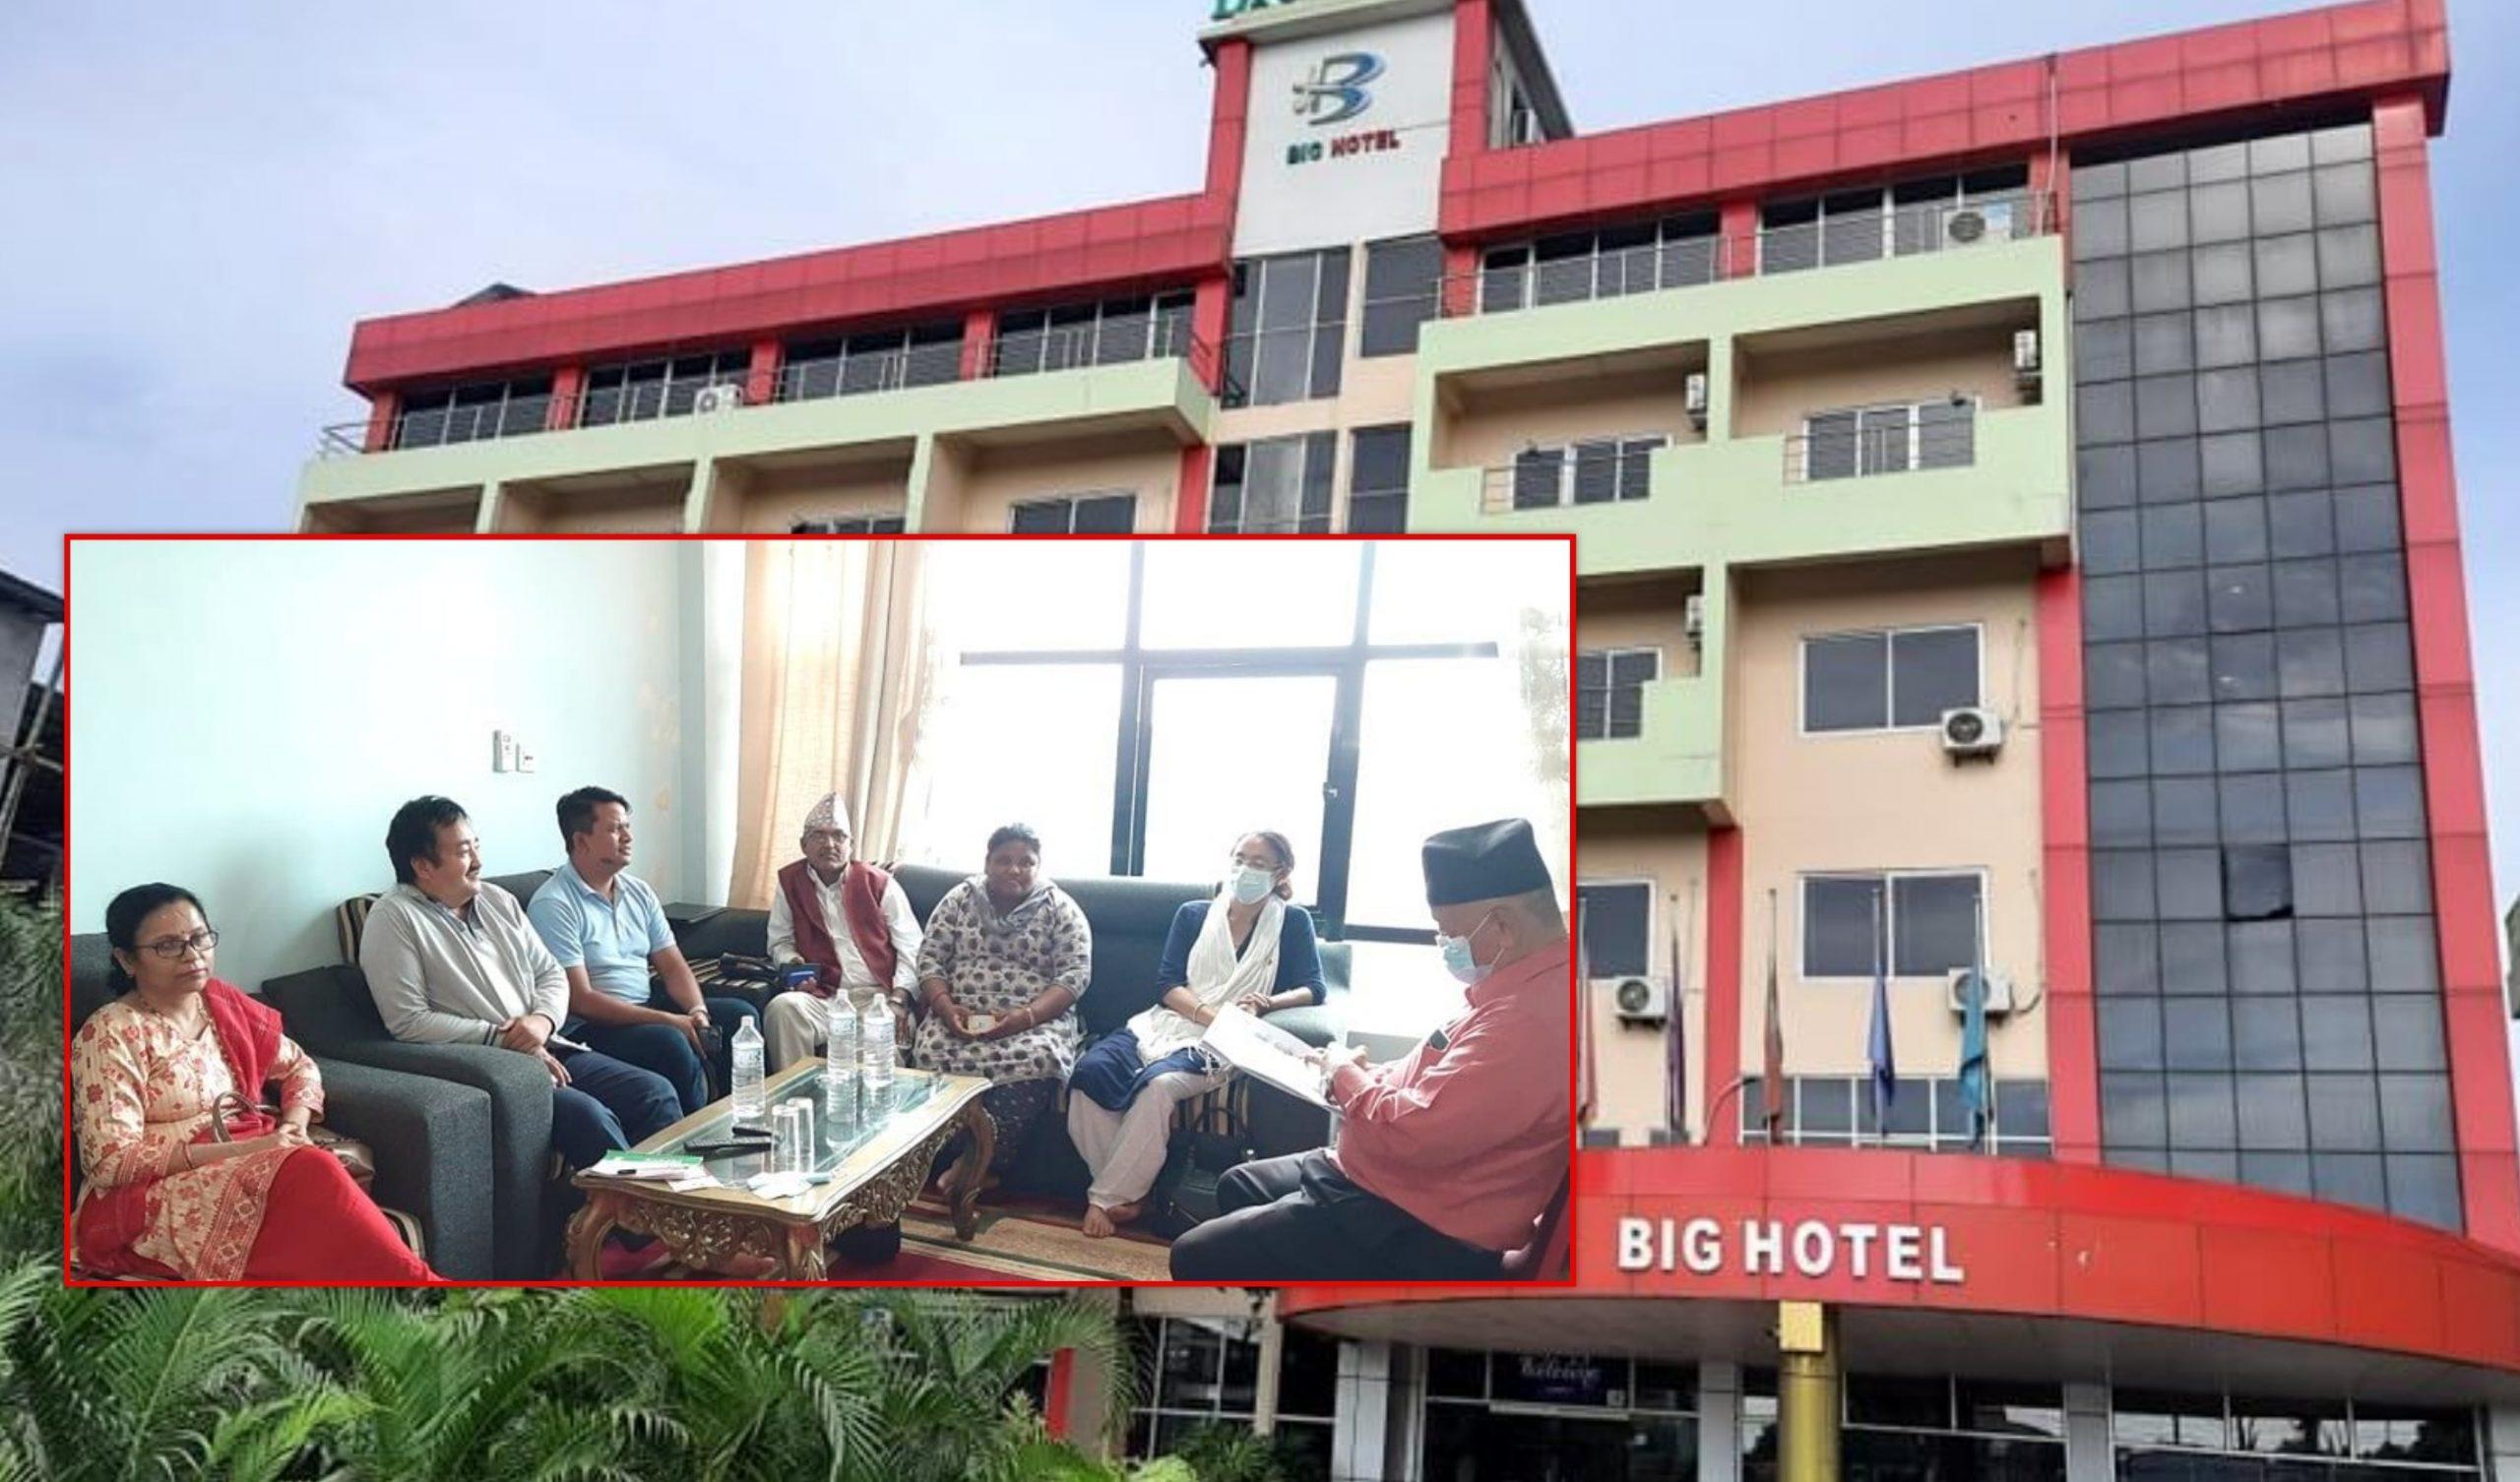 महँगो होटलमा एकीकृत समाजवादीका सांसद